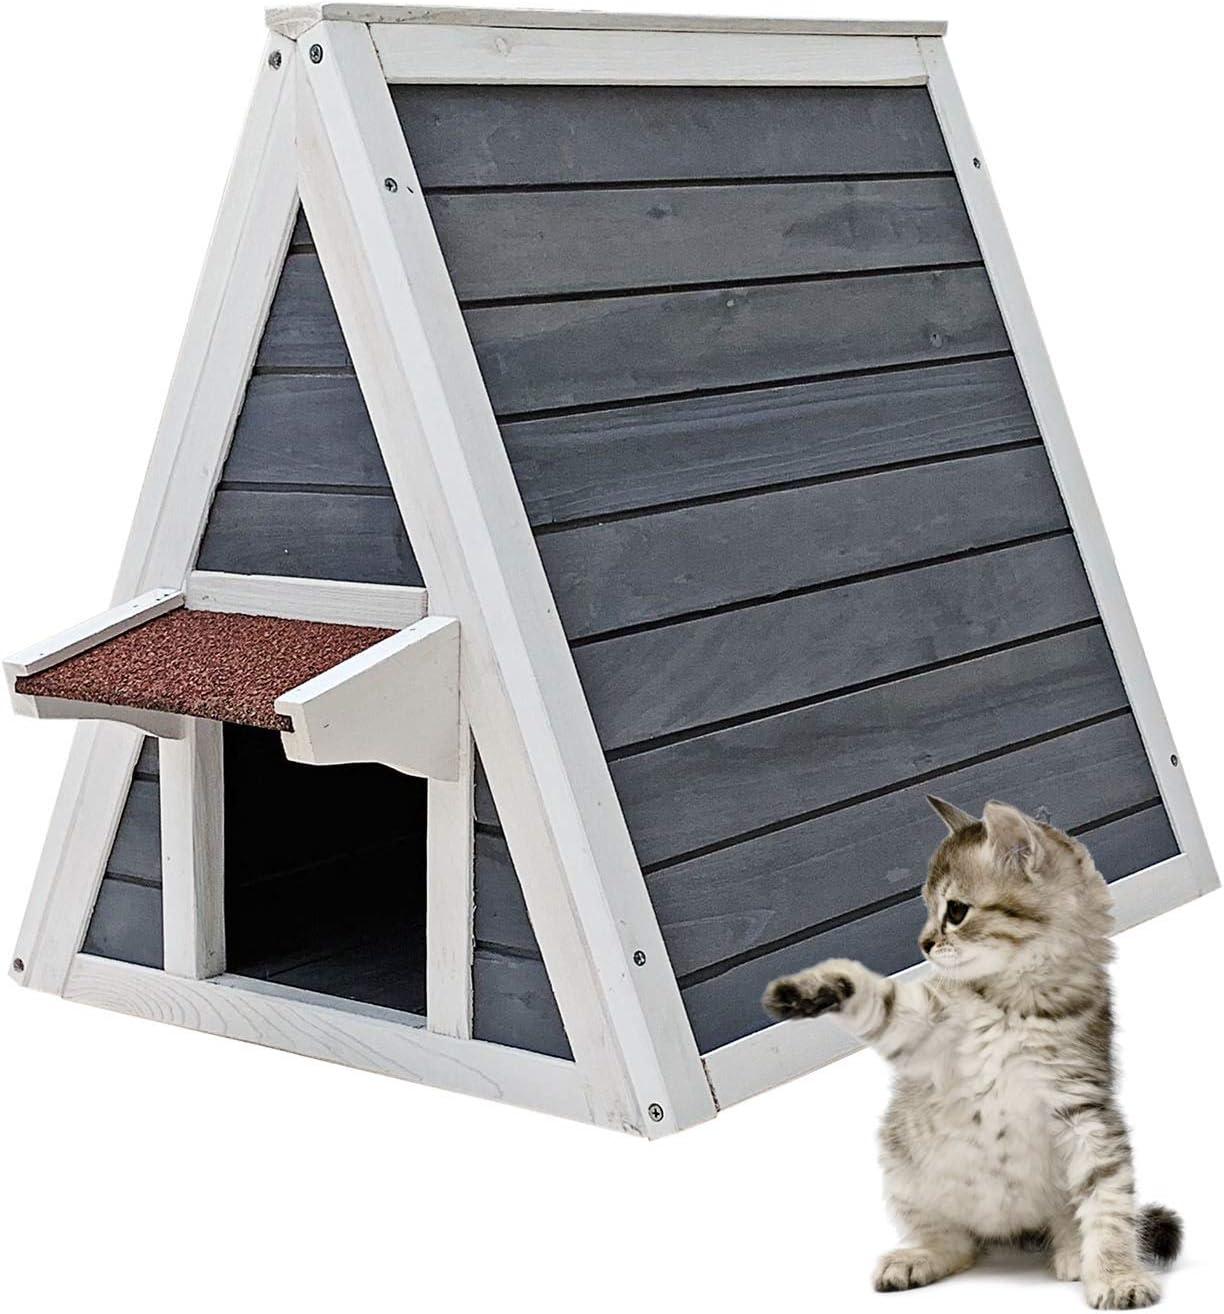 Wooden Weatherproof Cat House 51 X 50 5 X 48 5 Cm For Indoor And Outdoor Use With Escape Door Amazon Co Uk Pet Supplies